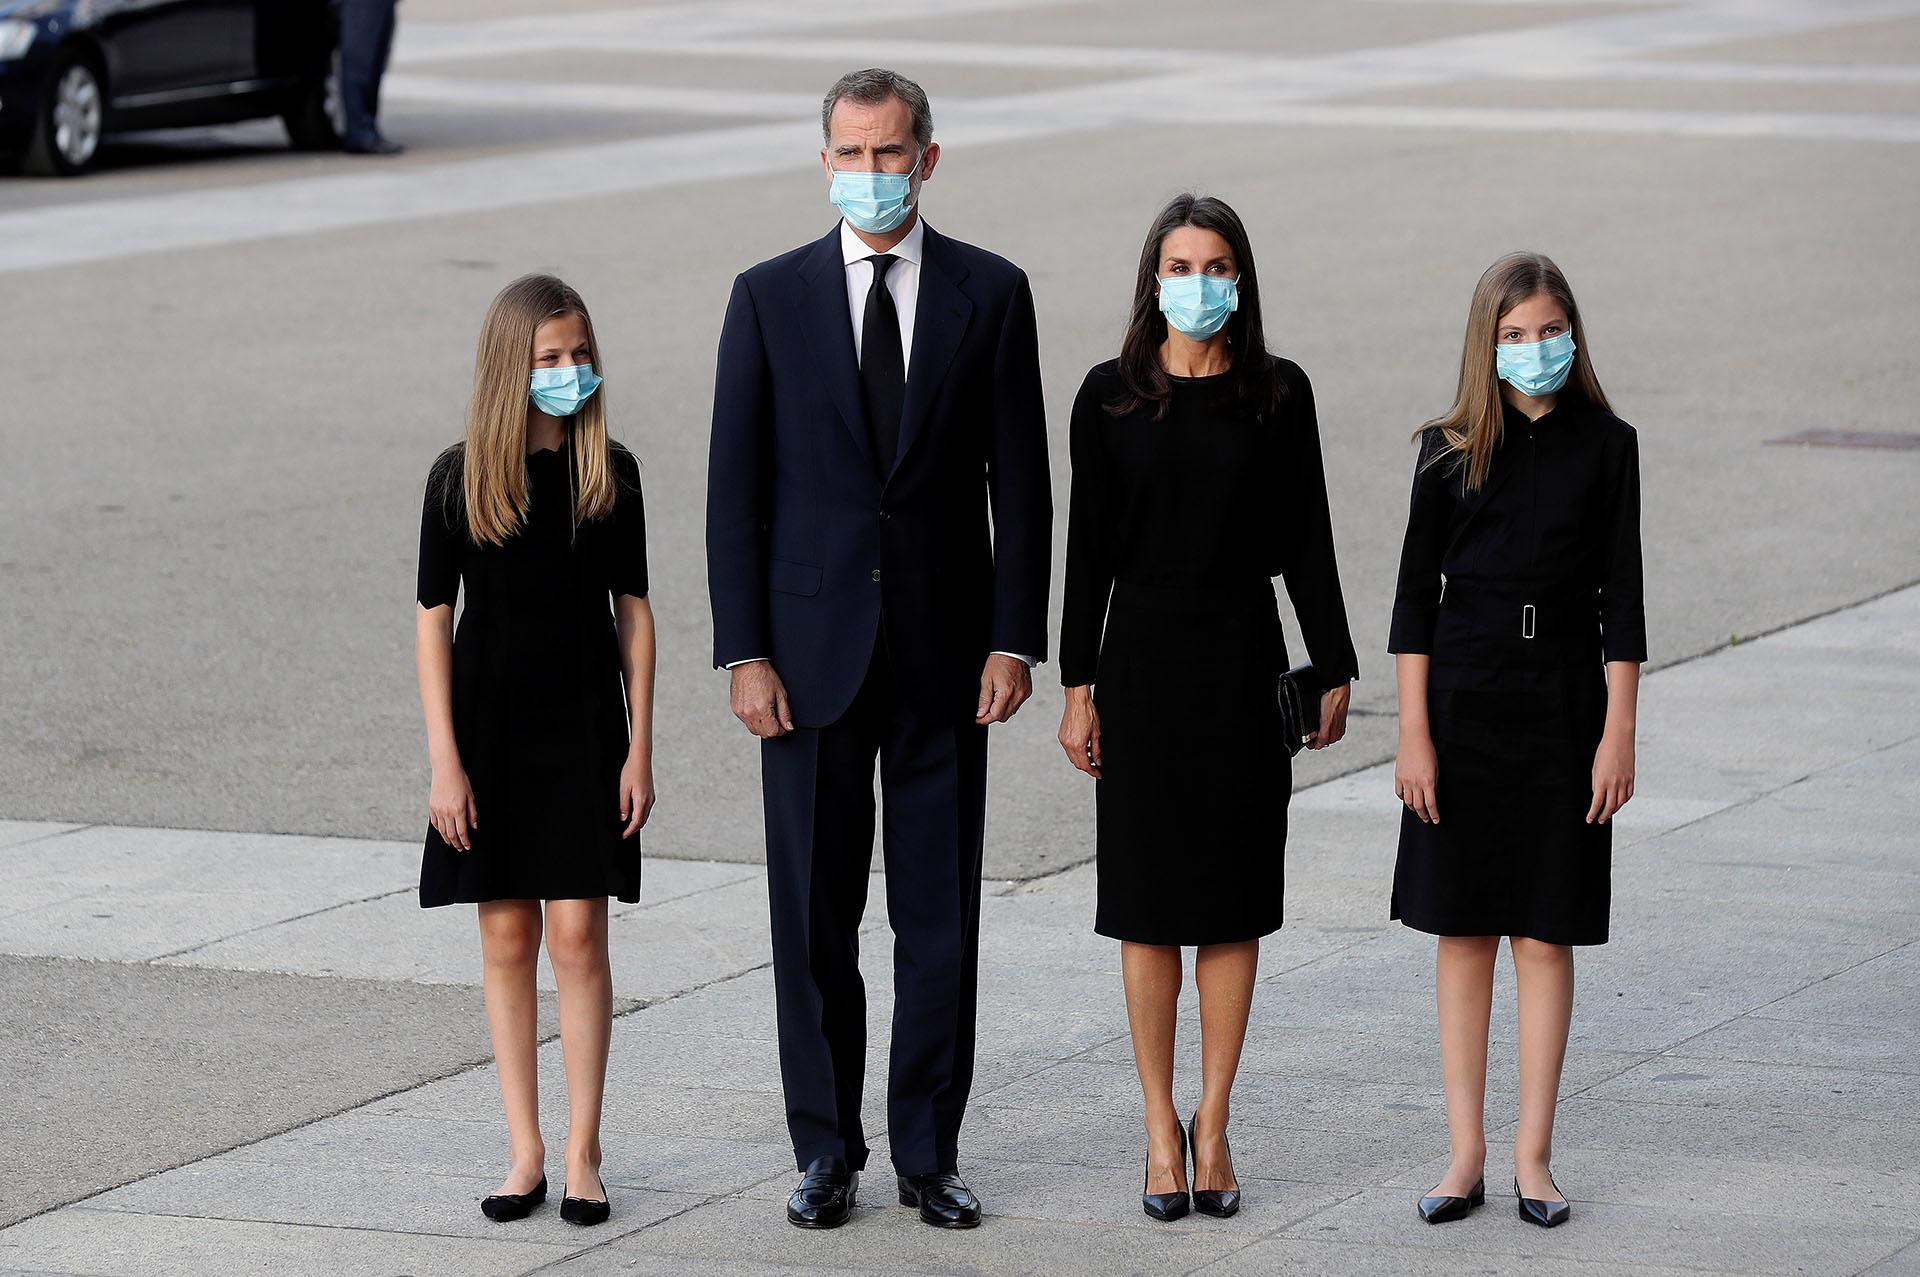 Felipe y Letizia junto a las princesas Leonor y la infanta Sofía vistieron de estricto luto. Se trató de la primera vez que las hijas de los reyes asistieron a un funeral de carácter institucional